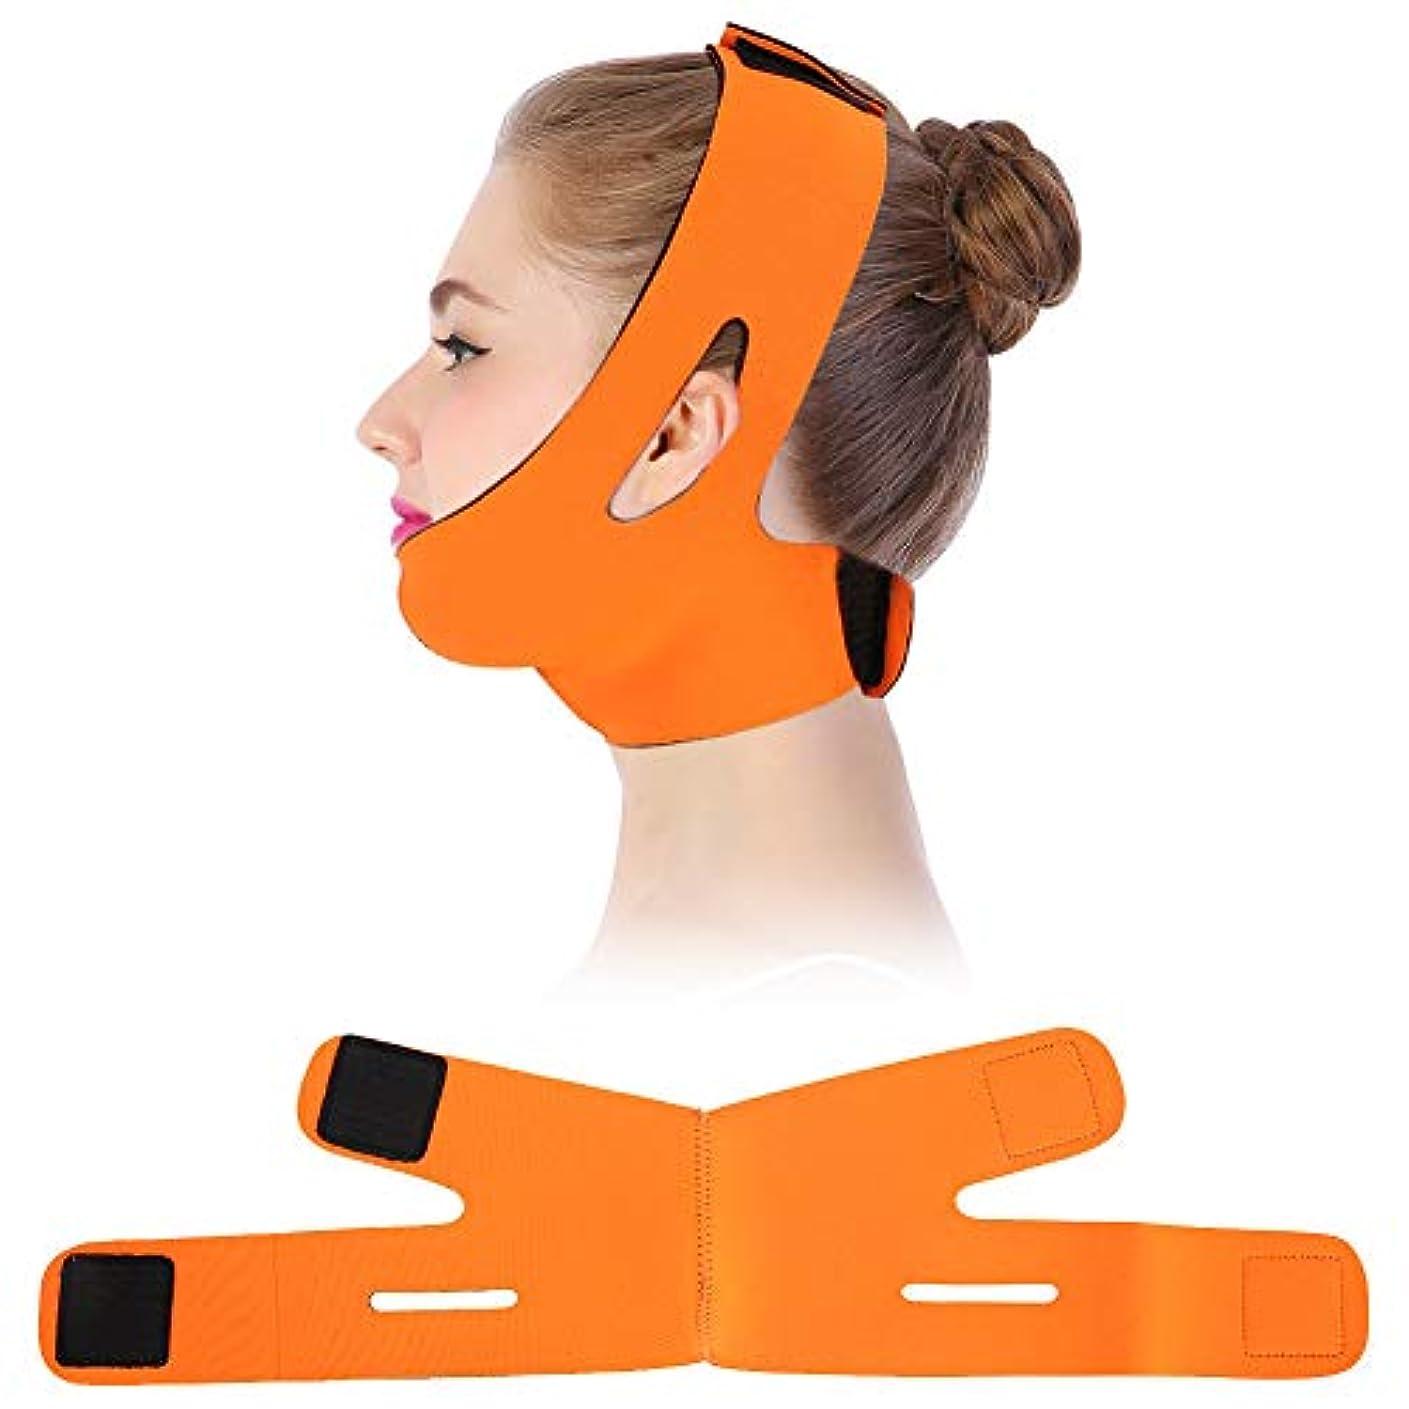 トロリーヶ月目リダクターフェイスリフティングベルト,顔の痩身包帯フェイシャルスリミング包帯ベルトマスクフェイスリフトダブルチンスキンストラップ (Orange)